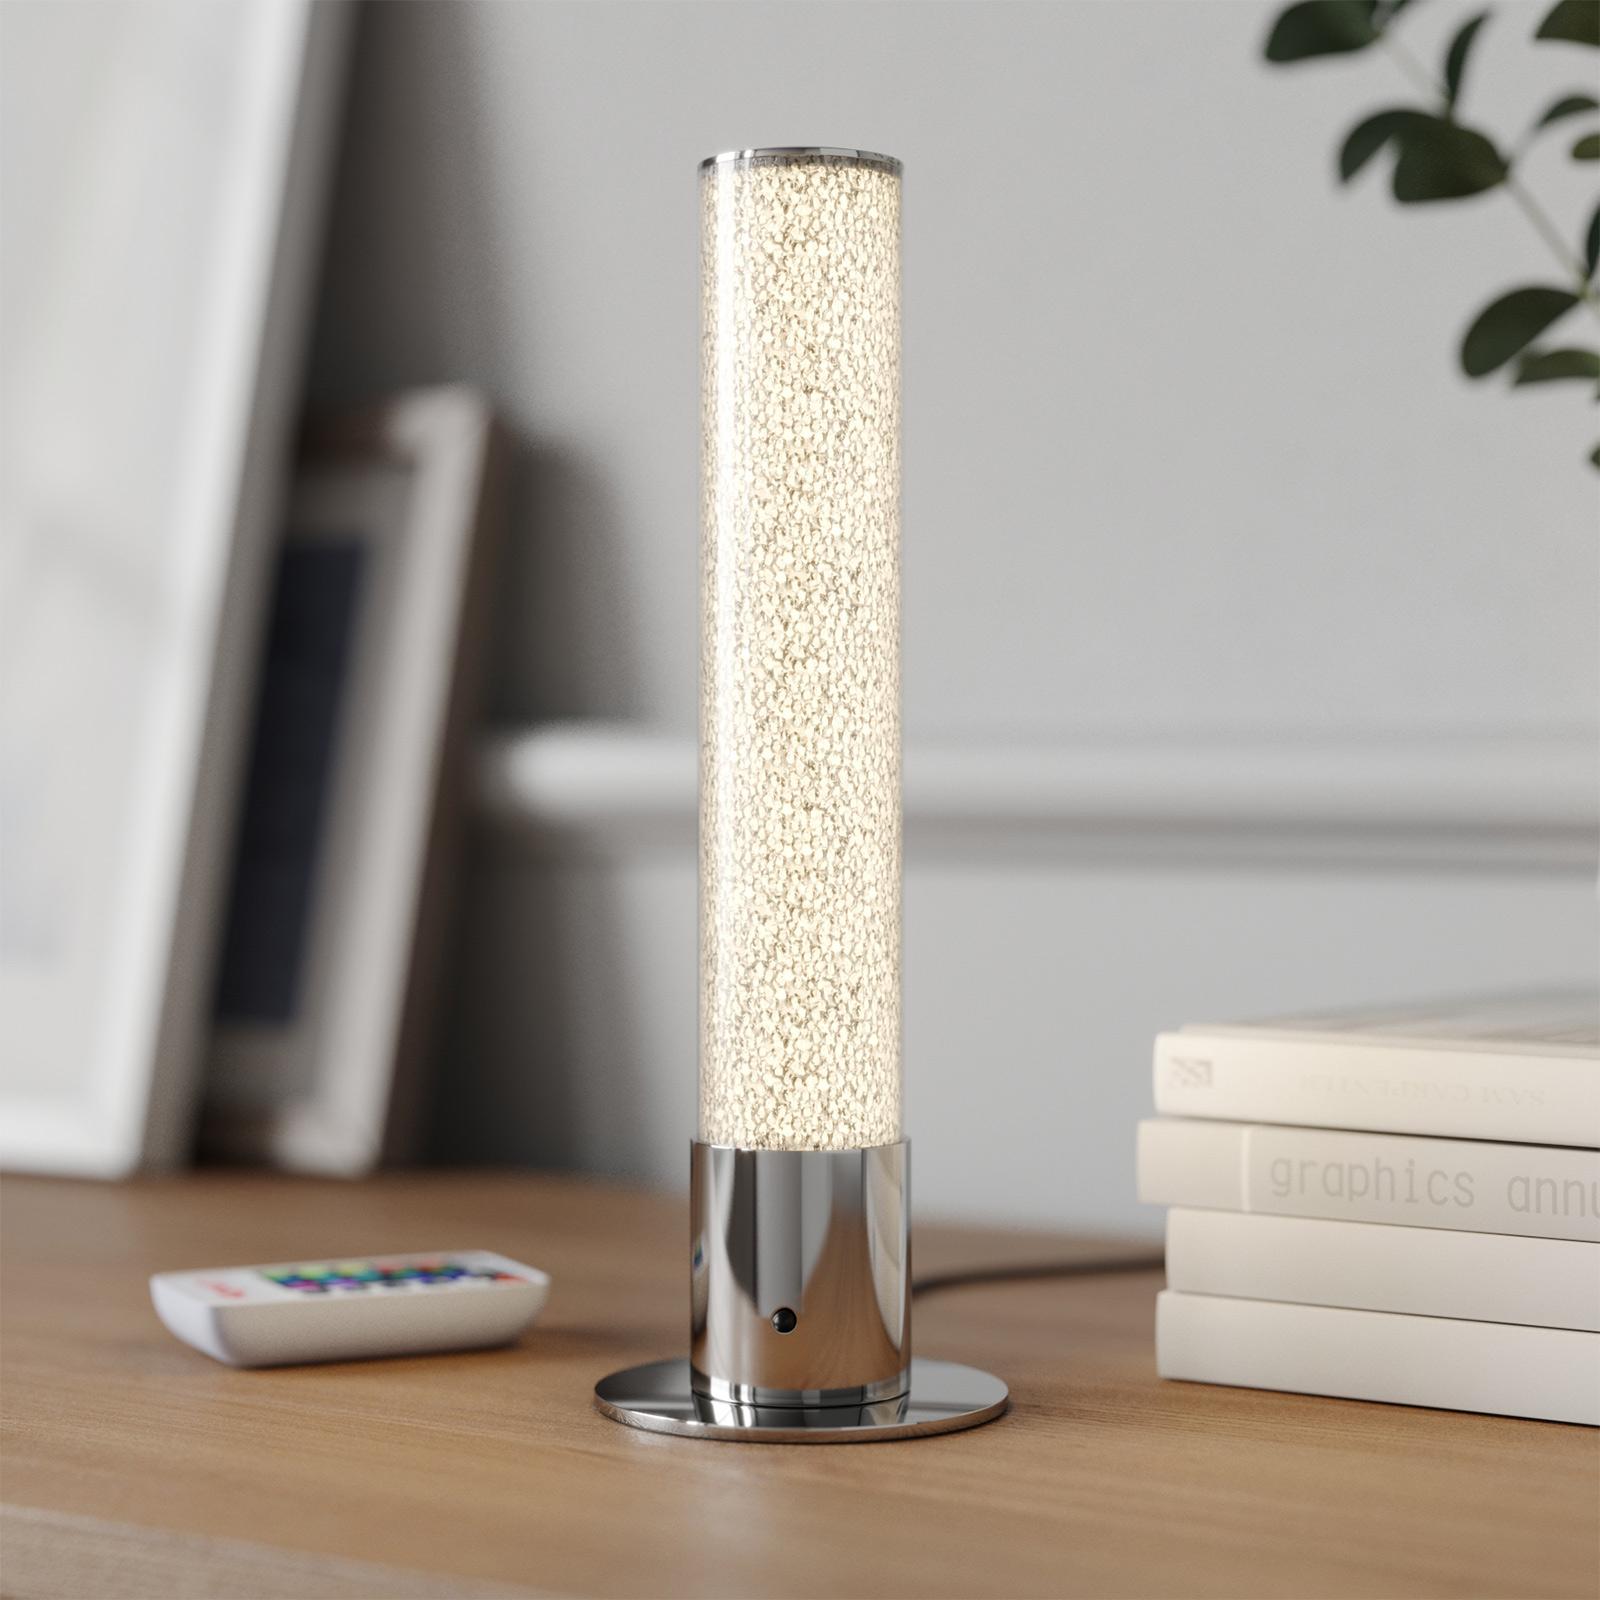 LED-Tischlampe Fria, Zylinder, RGB, Fernbedienung